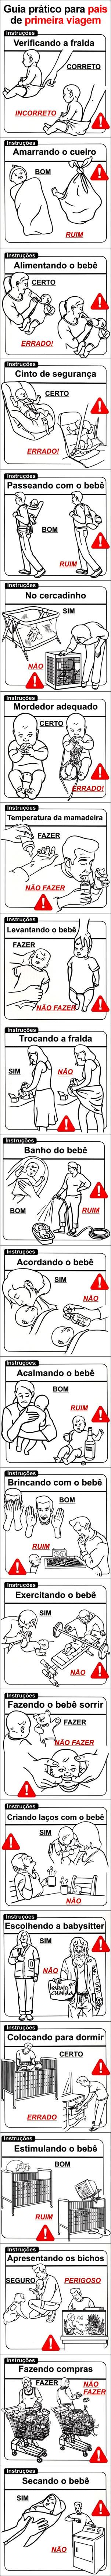 guia-pratico-bebes